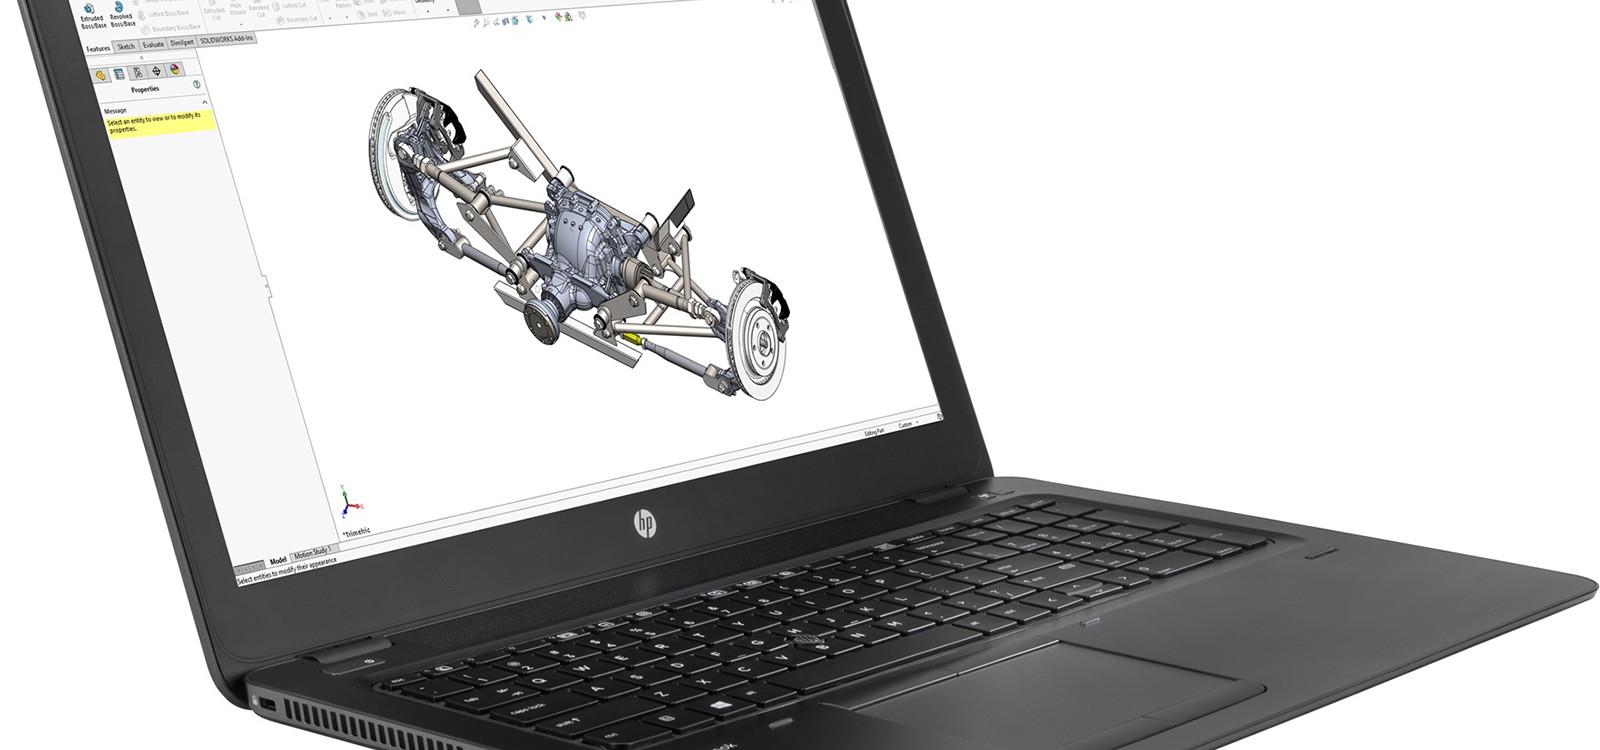 Wydawałoby się, że praca przy komputerze wymaga tylko i wyłącznie posiadania komputera